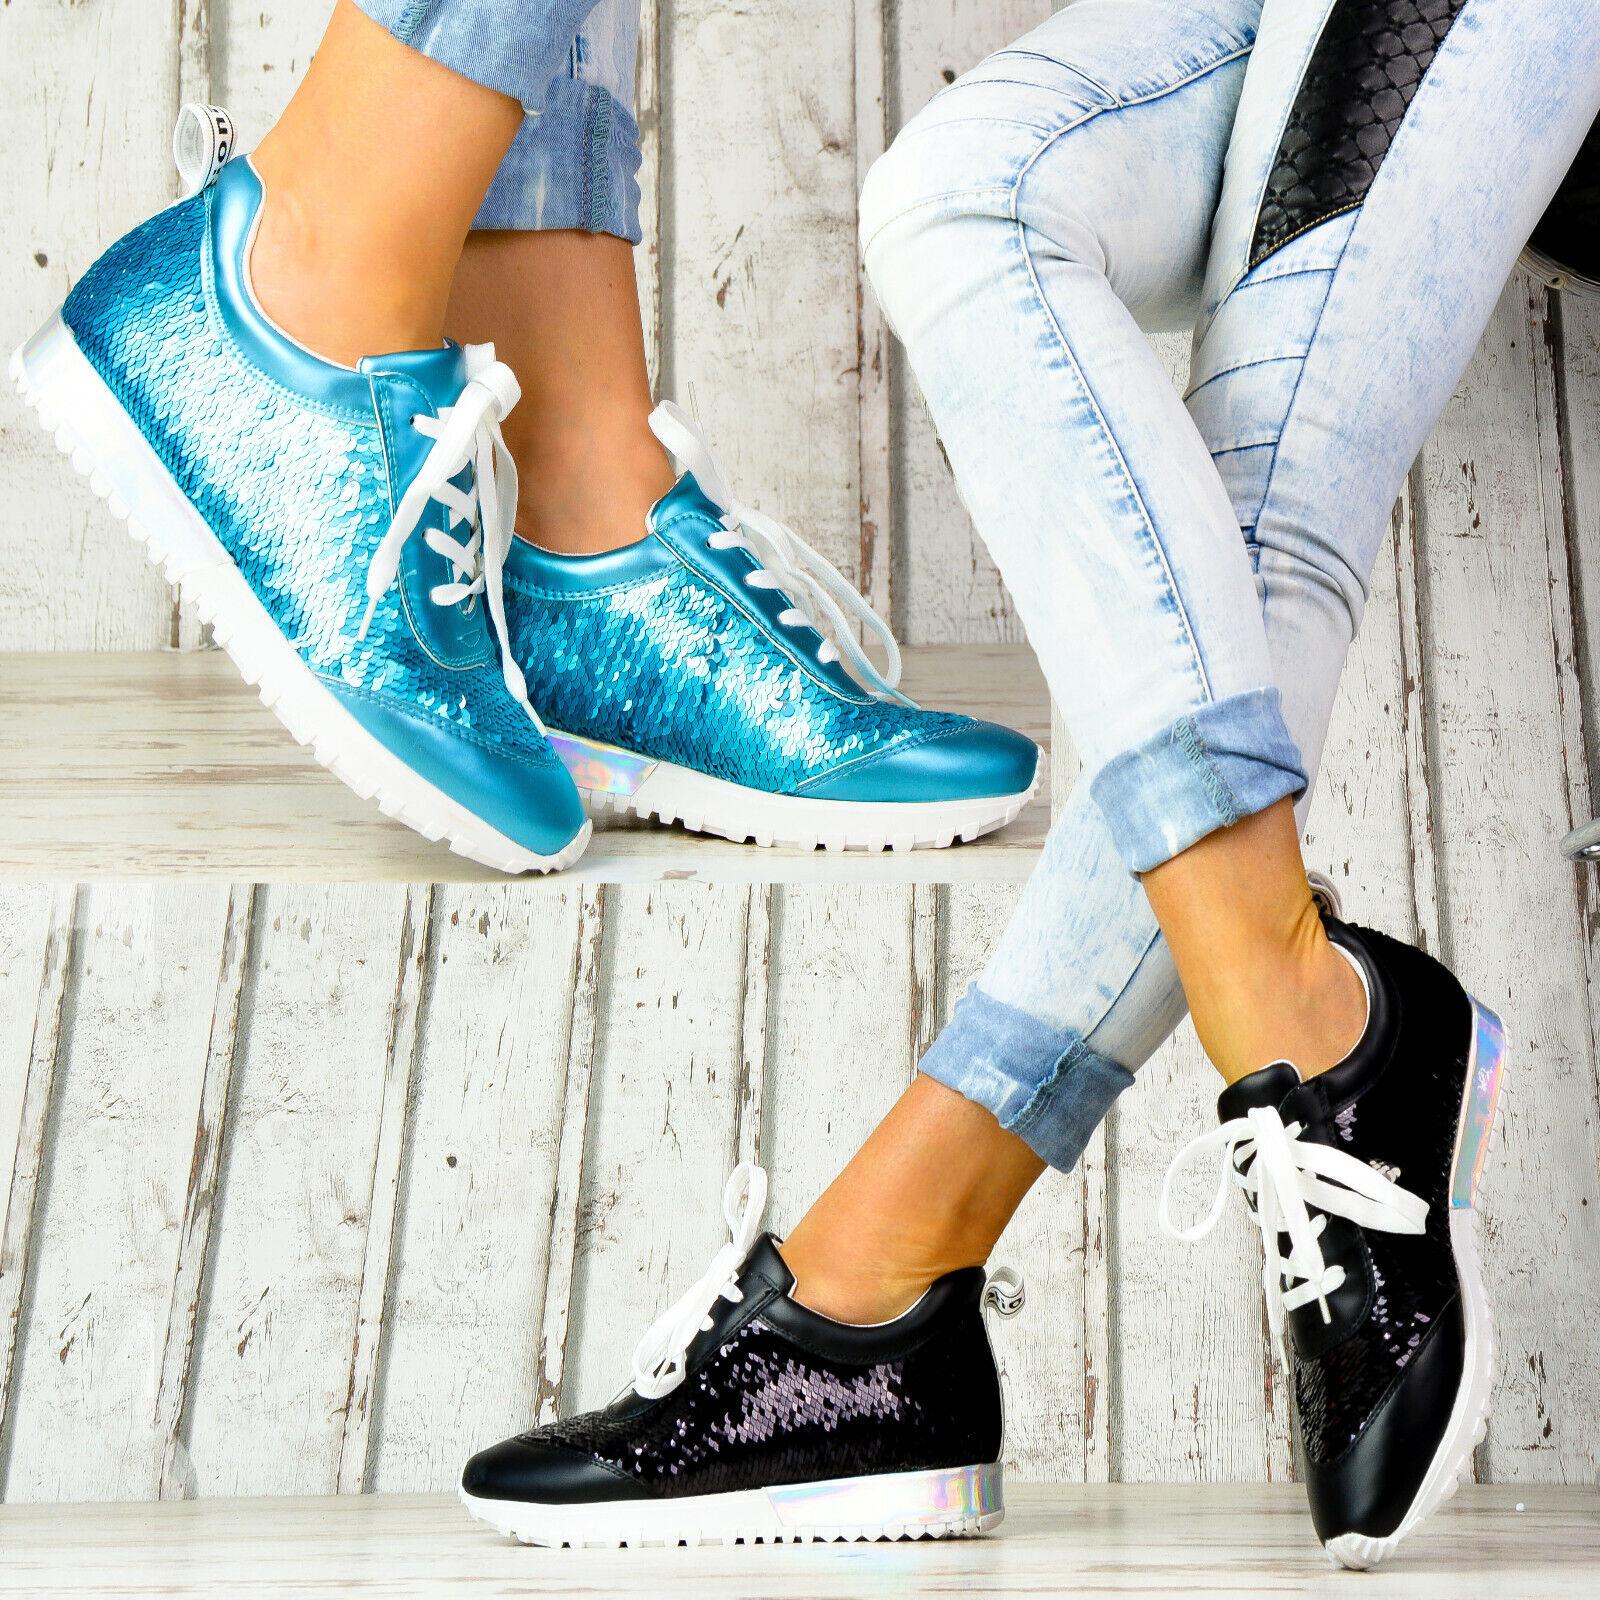 Neu Damen Sneaker Sport Damenschuhe Designer Glitzer Metallic Holo Freizeit